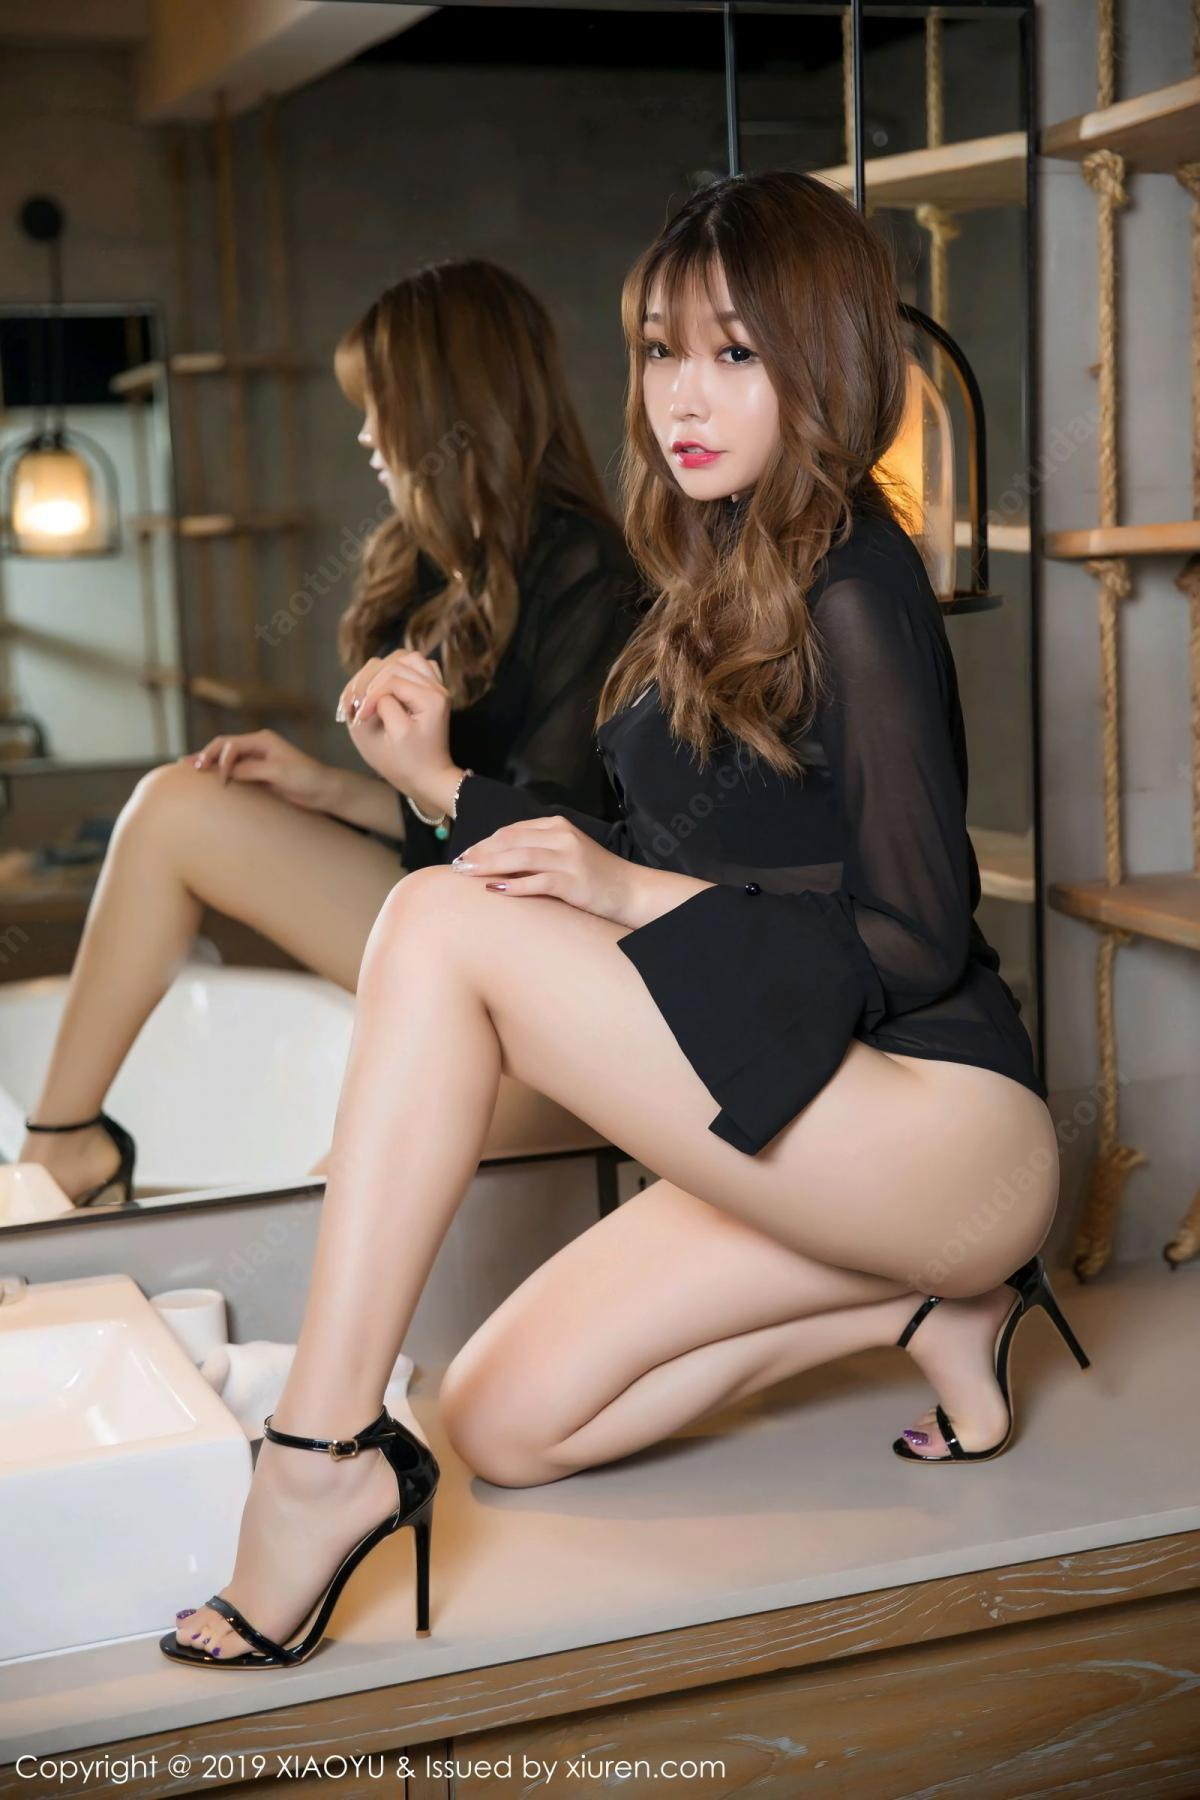 [XiaoYu] Vol.105 Chen Zhi 6P, Bathroom, Big Booty, Chen Zhi, Wet, XiaoYu